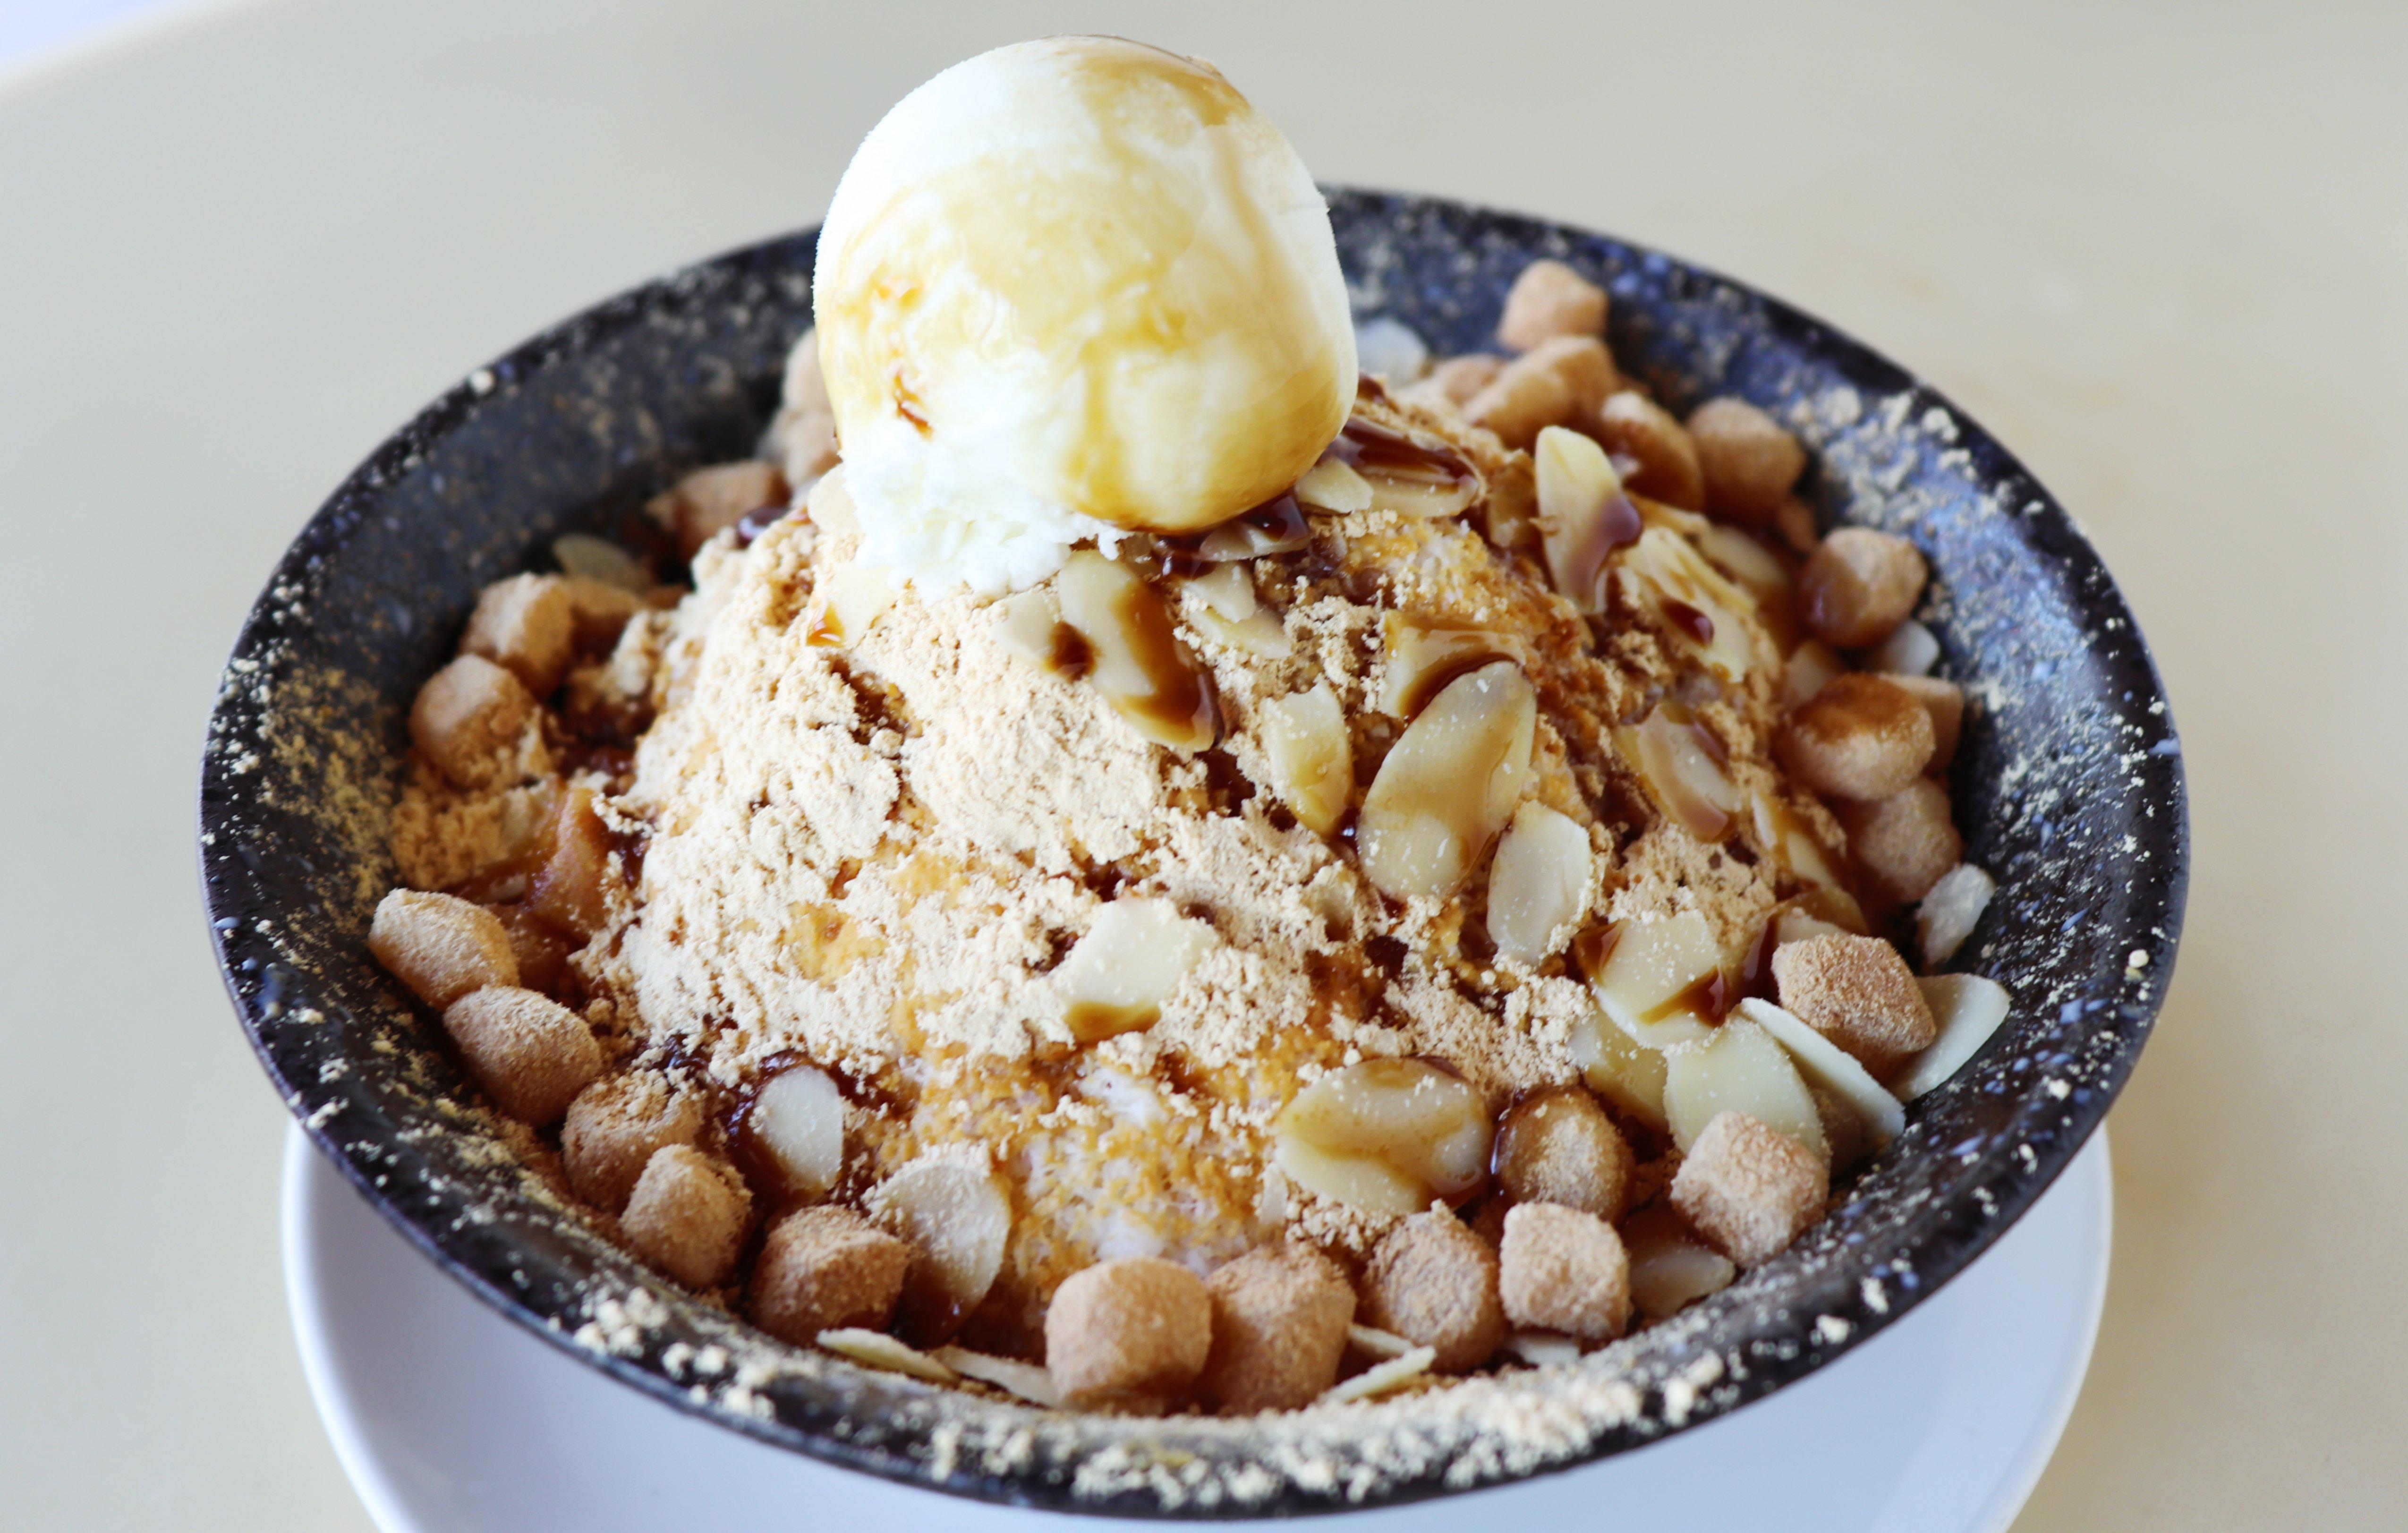 コリアン ナチュラル キッチン イム Korean Natural Kitchen IMU